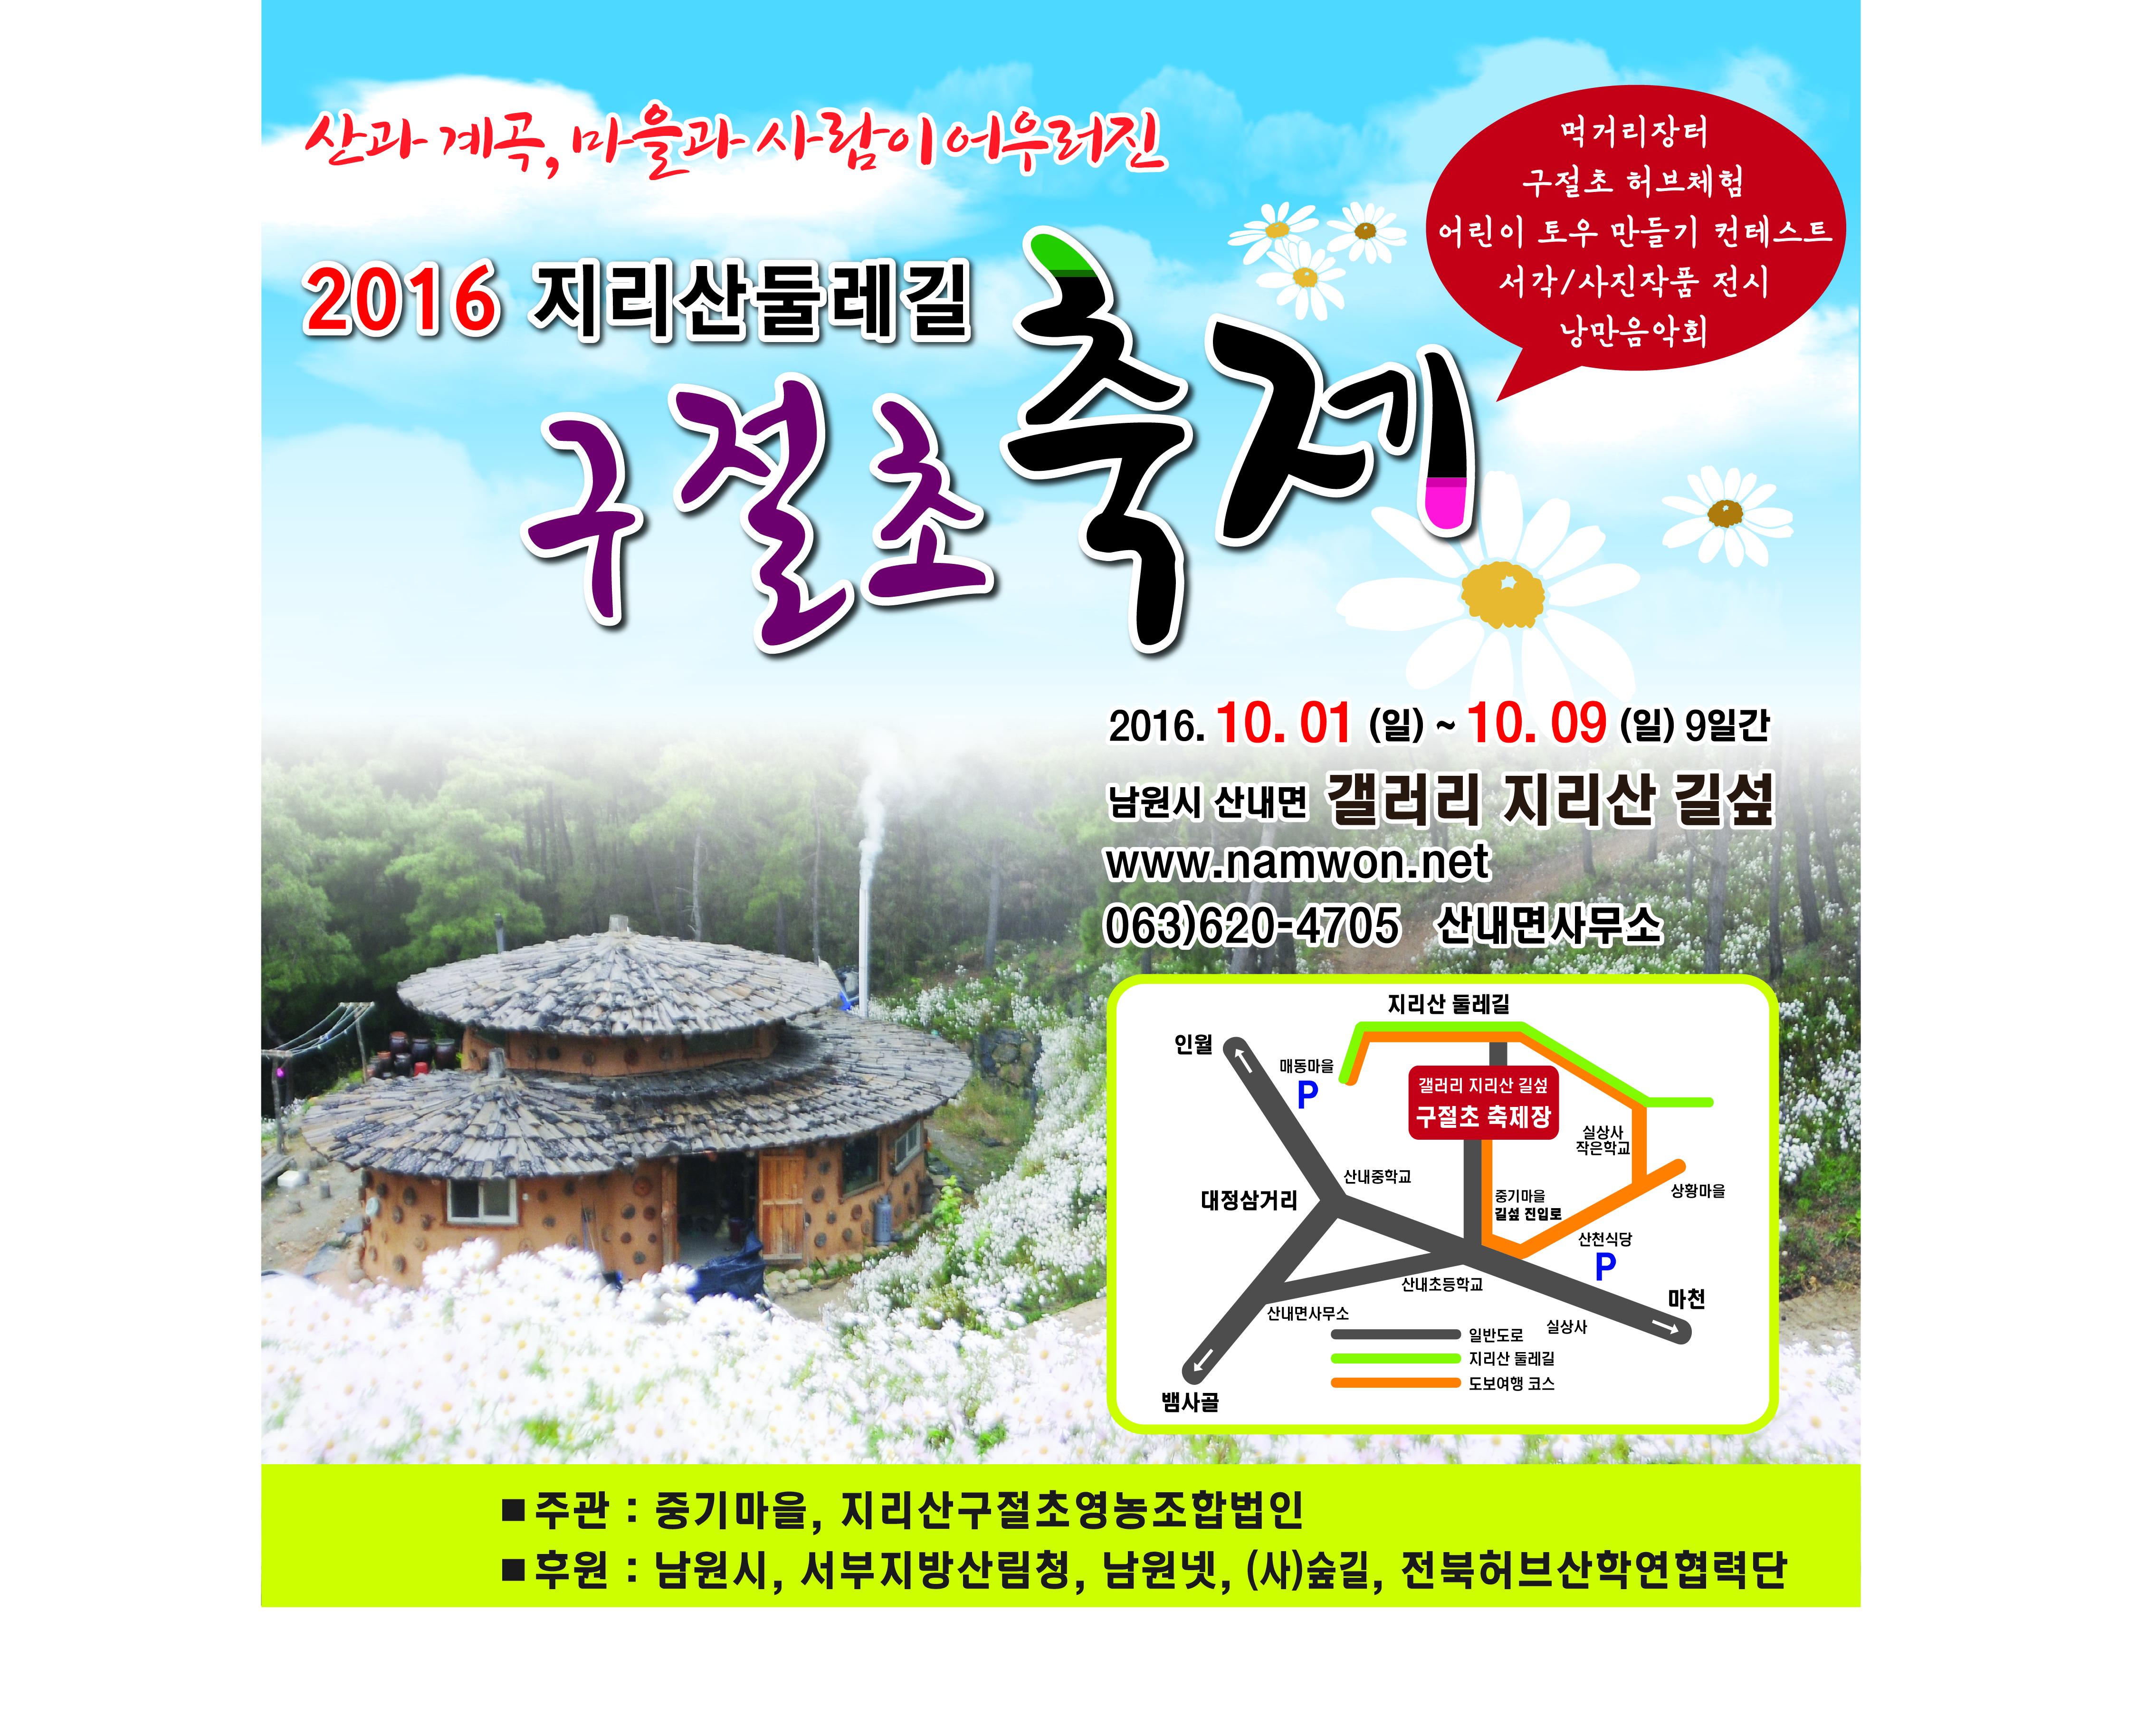 2016-09-08[지리산구절초축제]포스터1.jpg